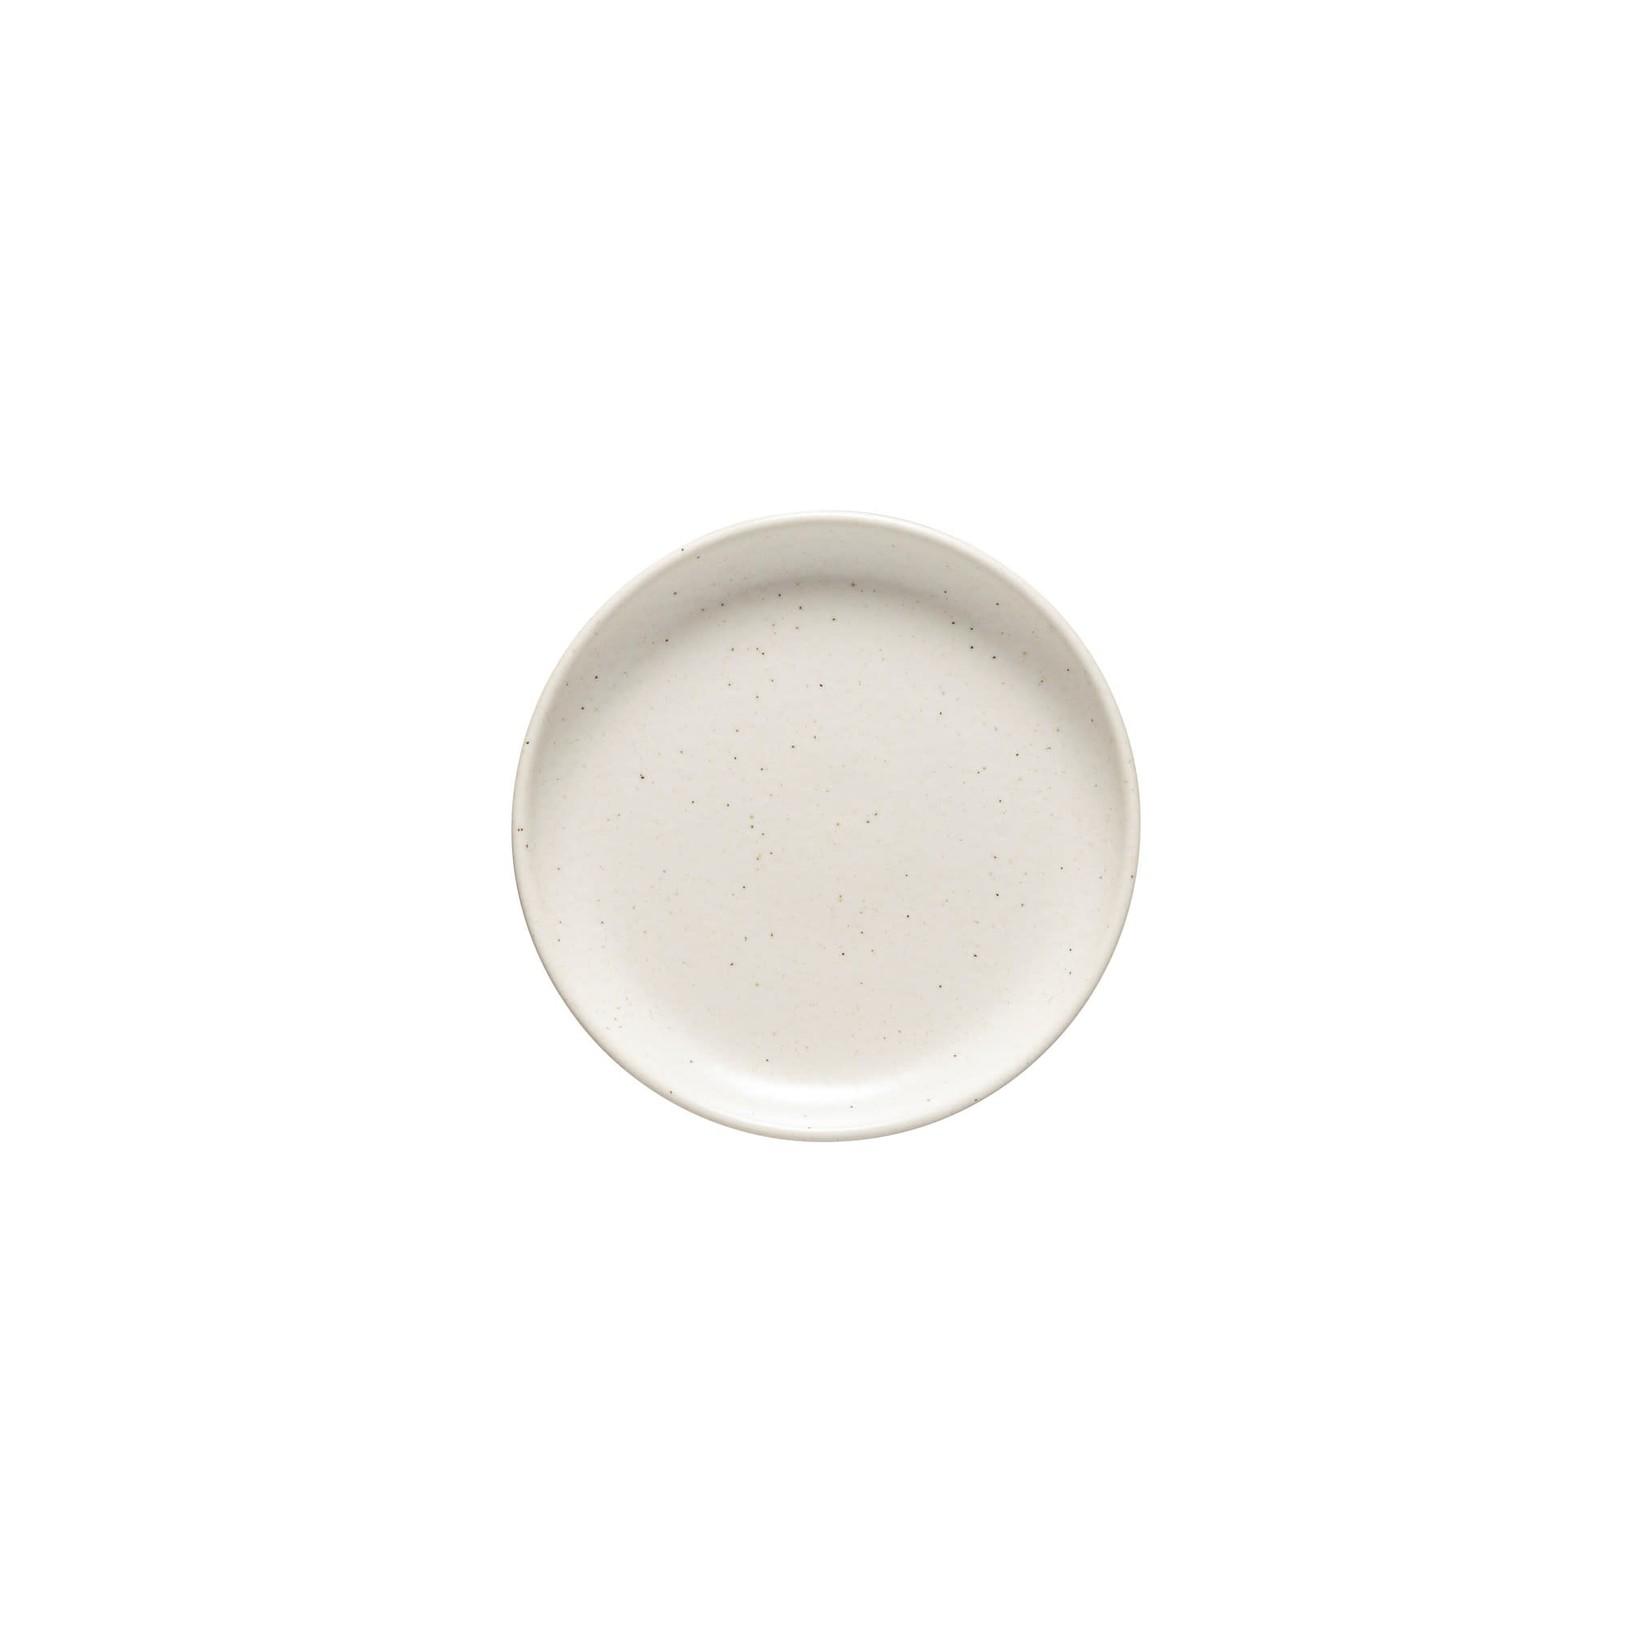 David Shaw PACIFICA vanille - Assiette apéritif / à pain